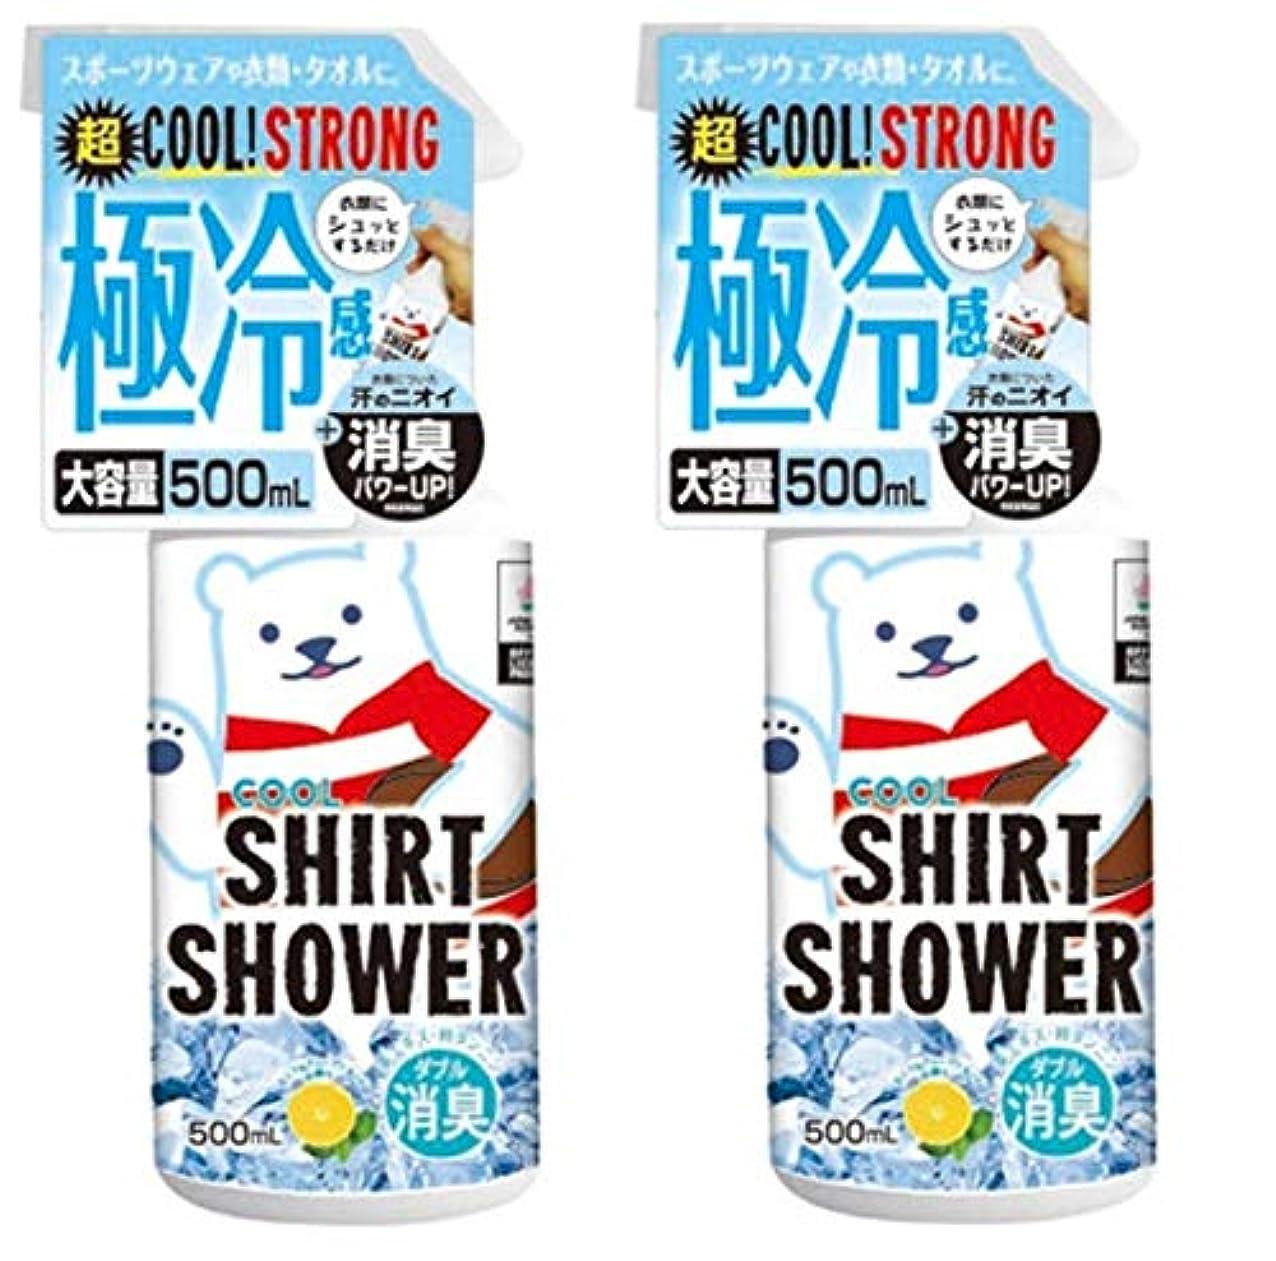 生産的抜け目がない安西【数量限定】ラグビー日本代表コラボ ひんやりシャツシャワー ストロングラグビー 500ml (2個)